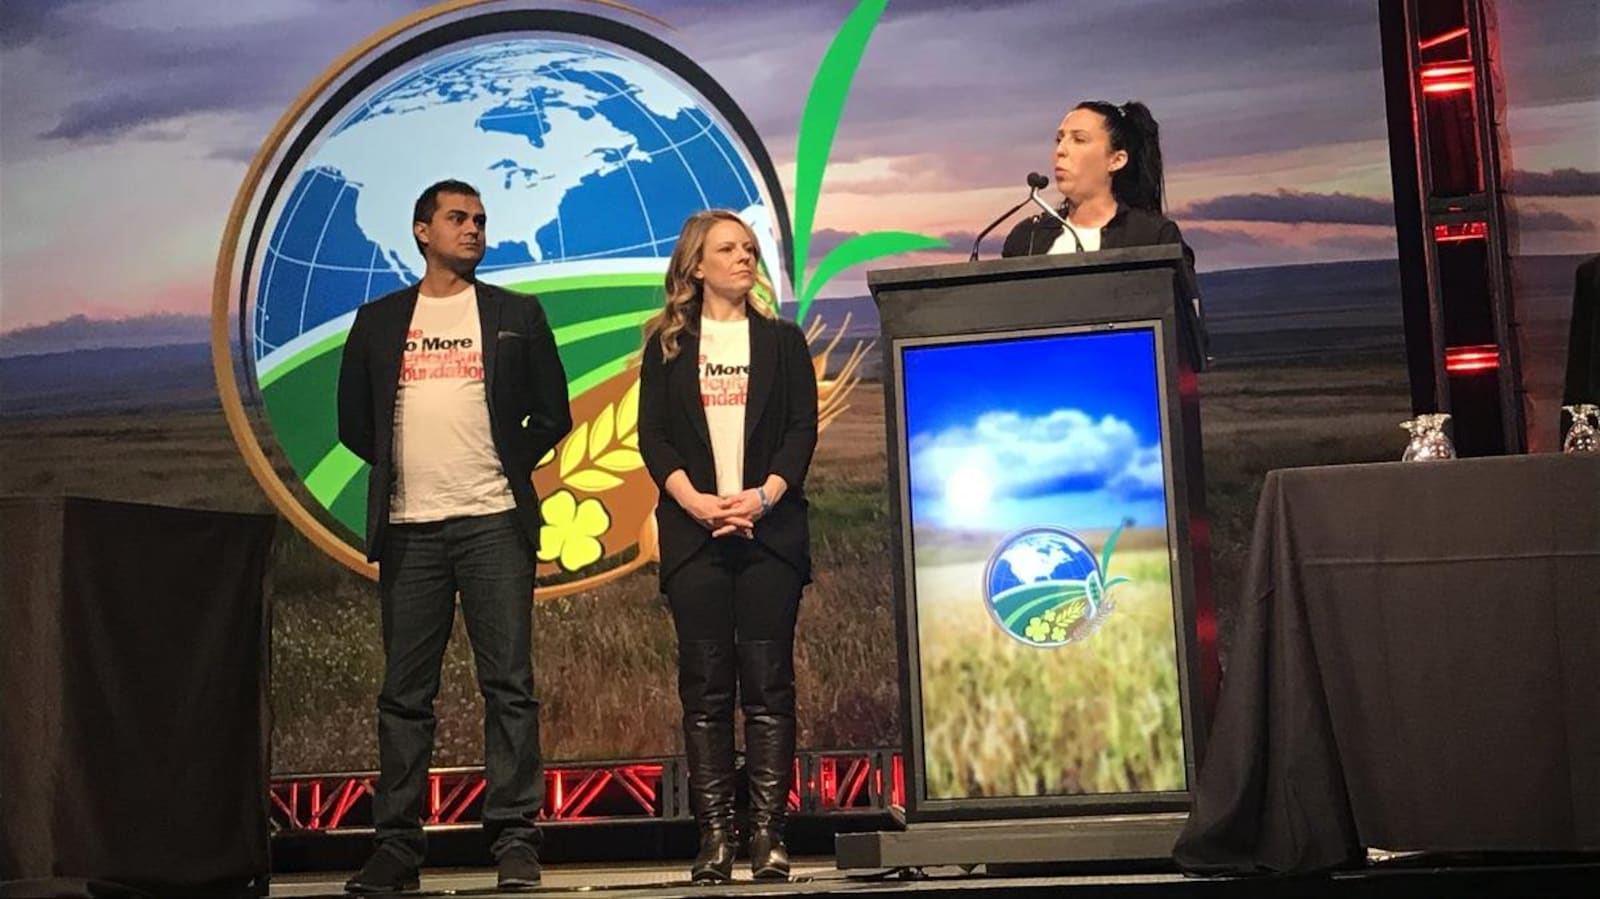 Les trois fondateurs son sur une scène où on voit en arrière-plan un grand champ et une carte de l'amérique du nord, une femme se tient derrière le podium de la conférence FarmTech.